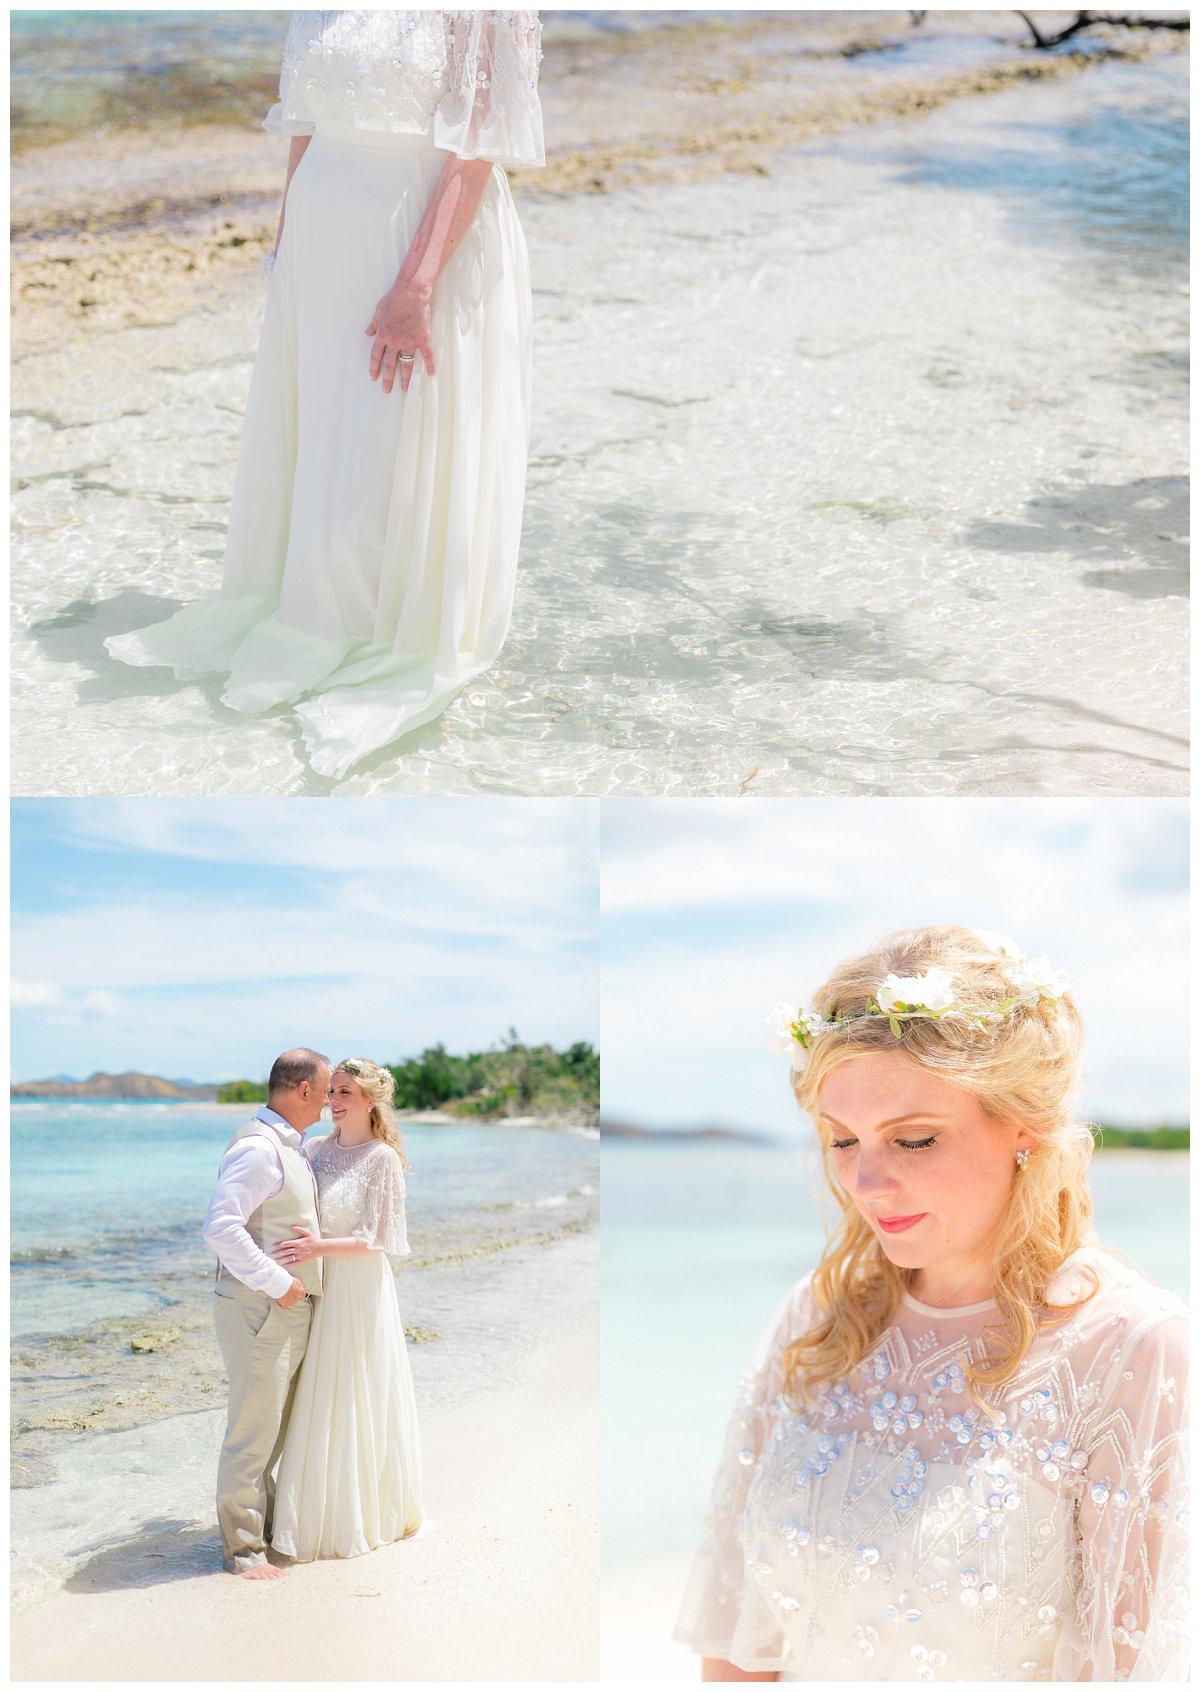 st-thomas-cruise-ship-wedding-inspiration